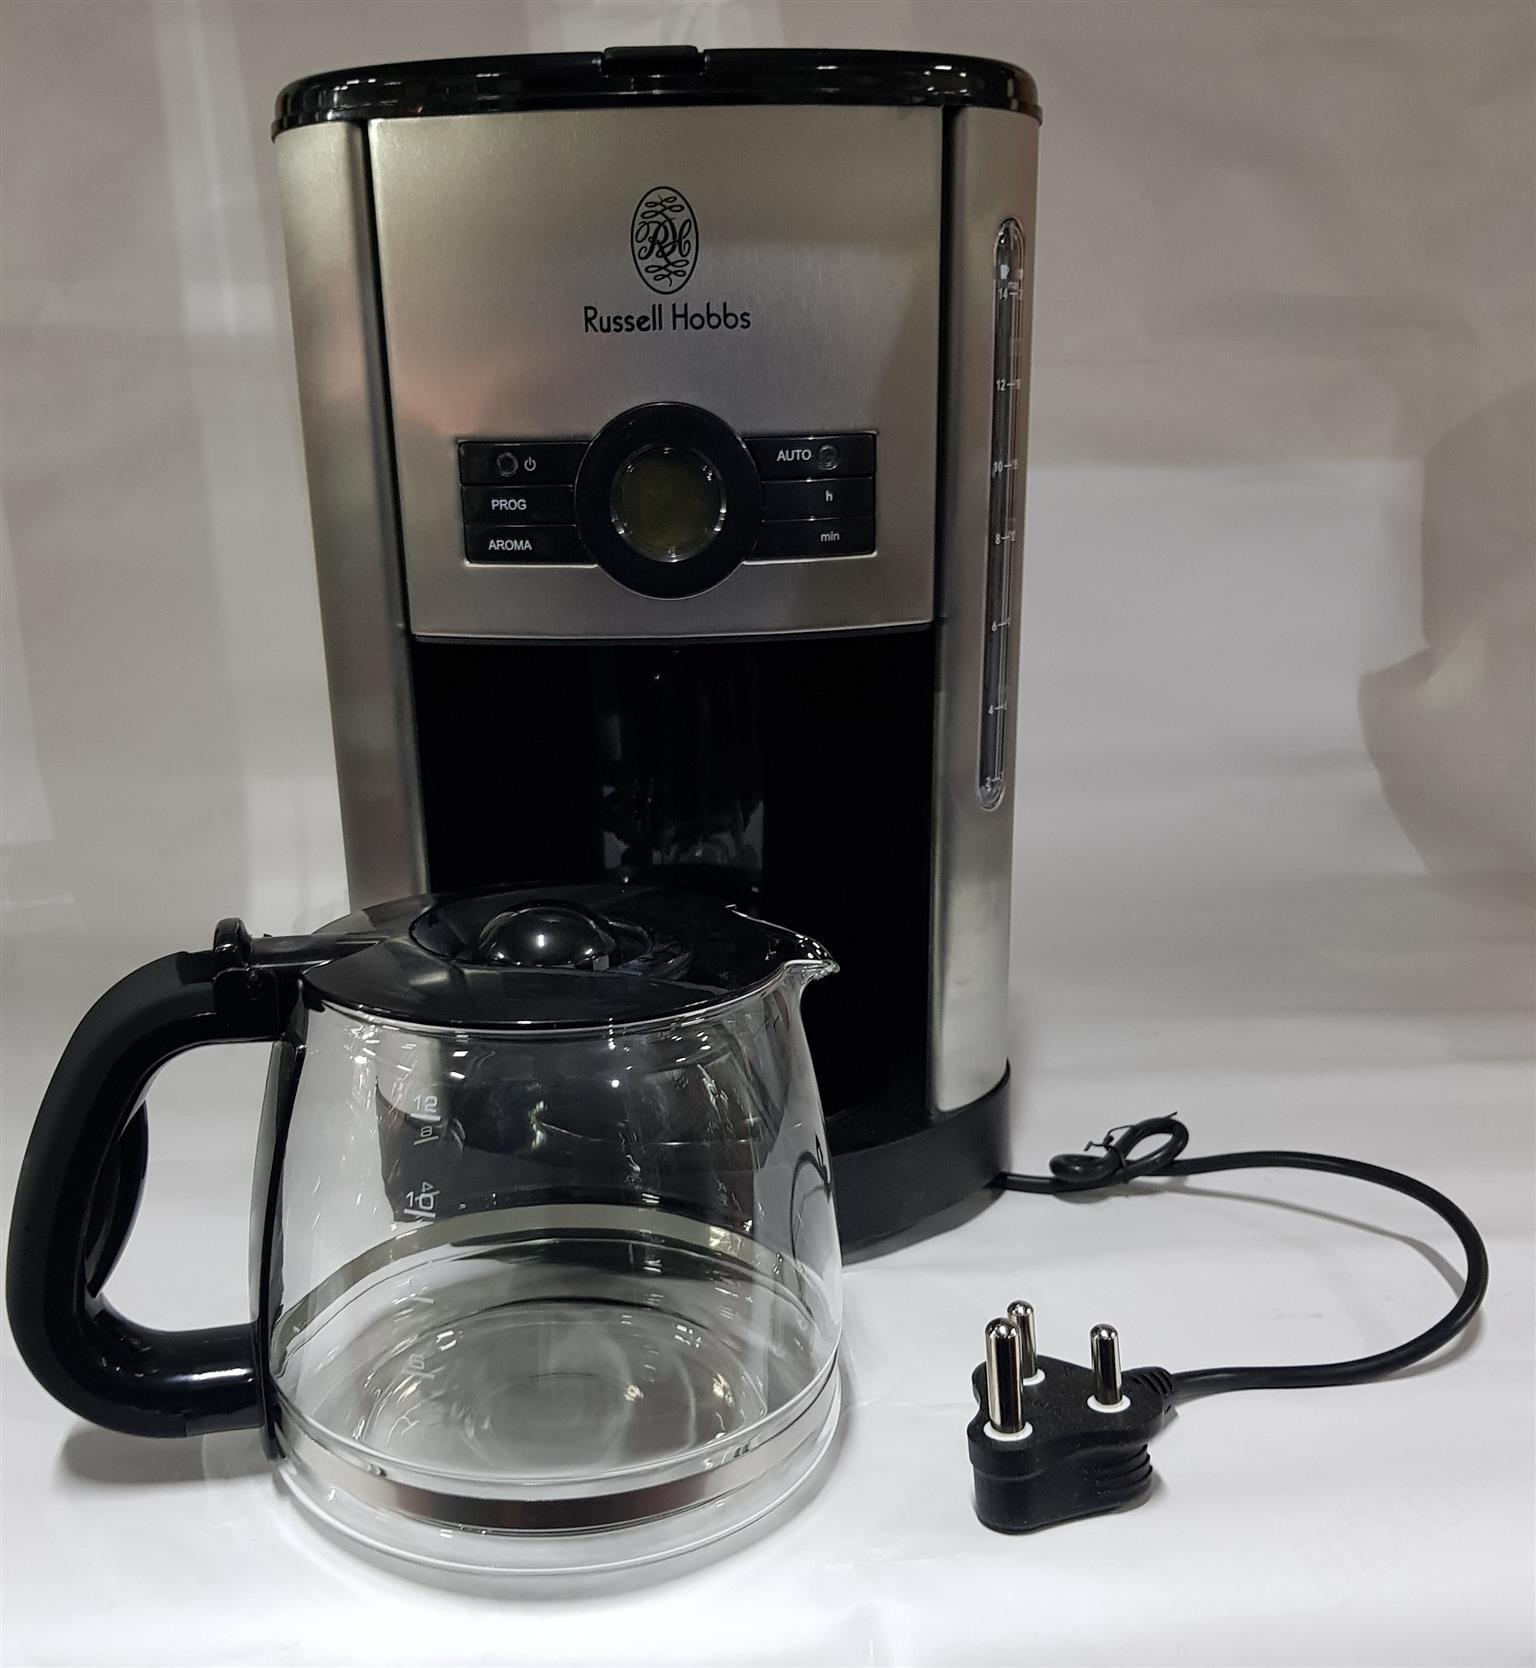 Russel hobbs coffee blender